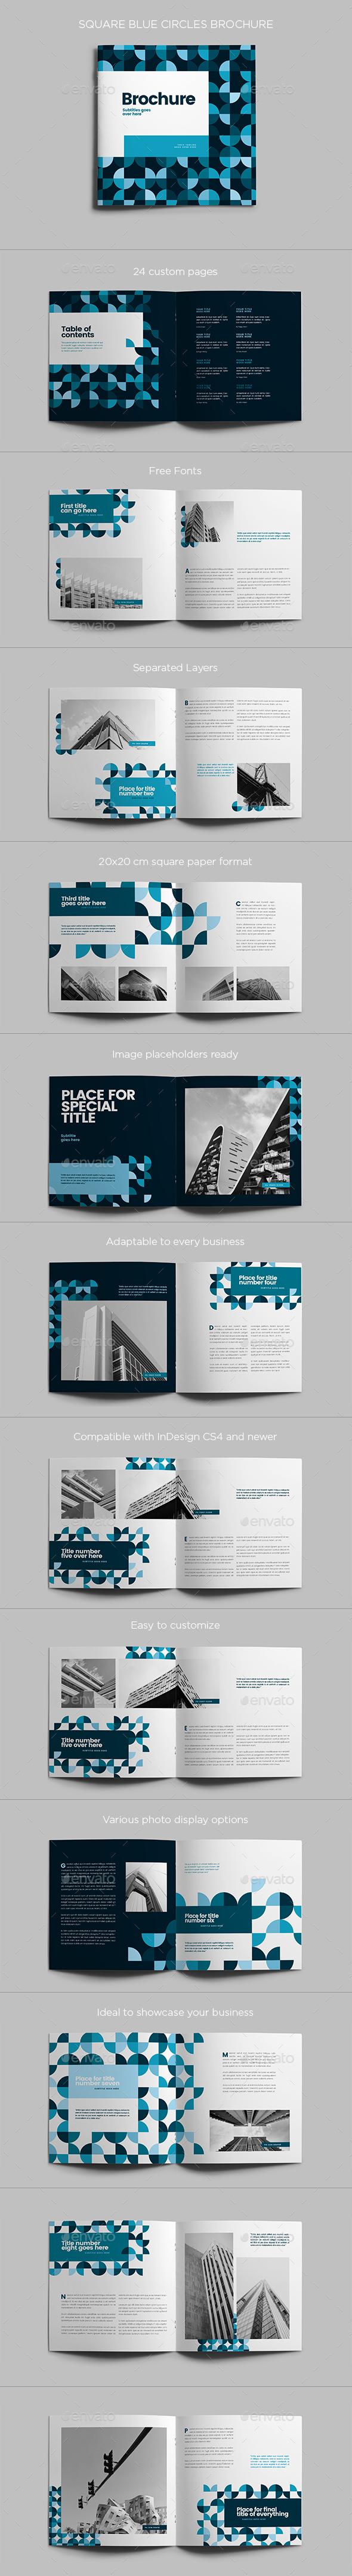 Square Blue Circles Brochure - Brochures Print Templates